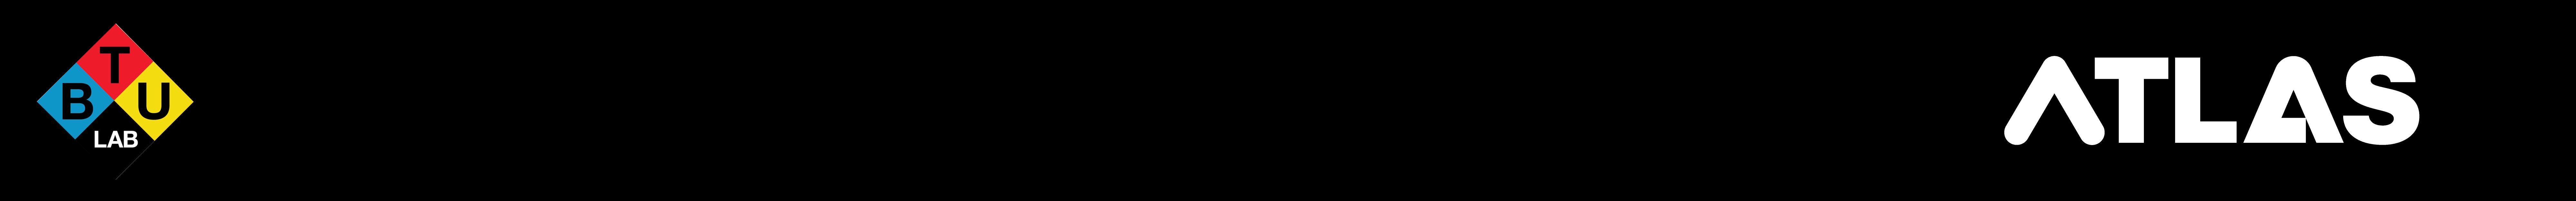 btu atlas logo